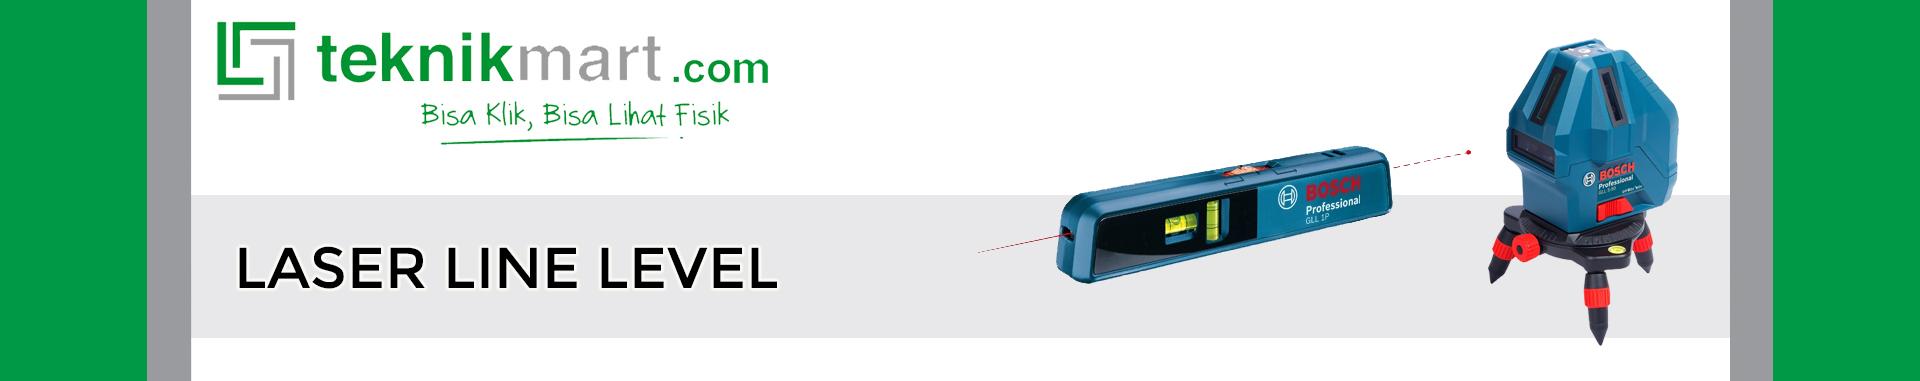 Laser Line Level